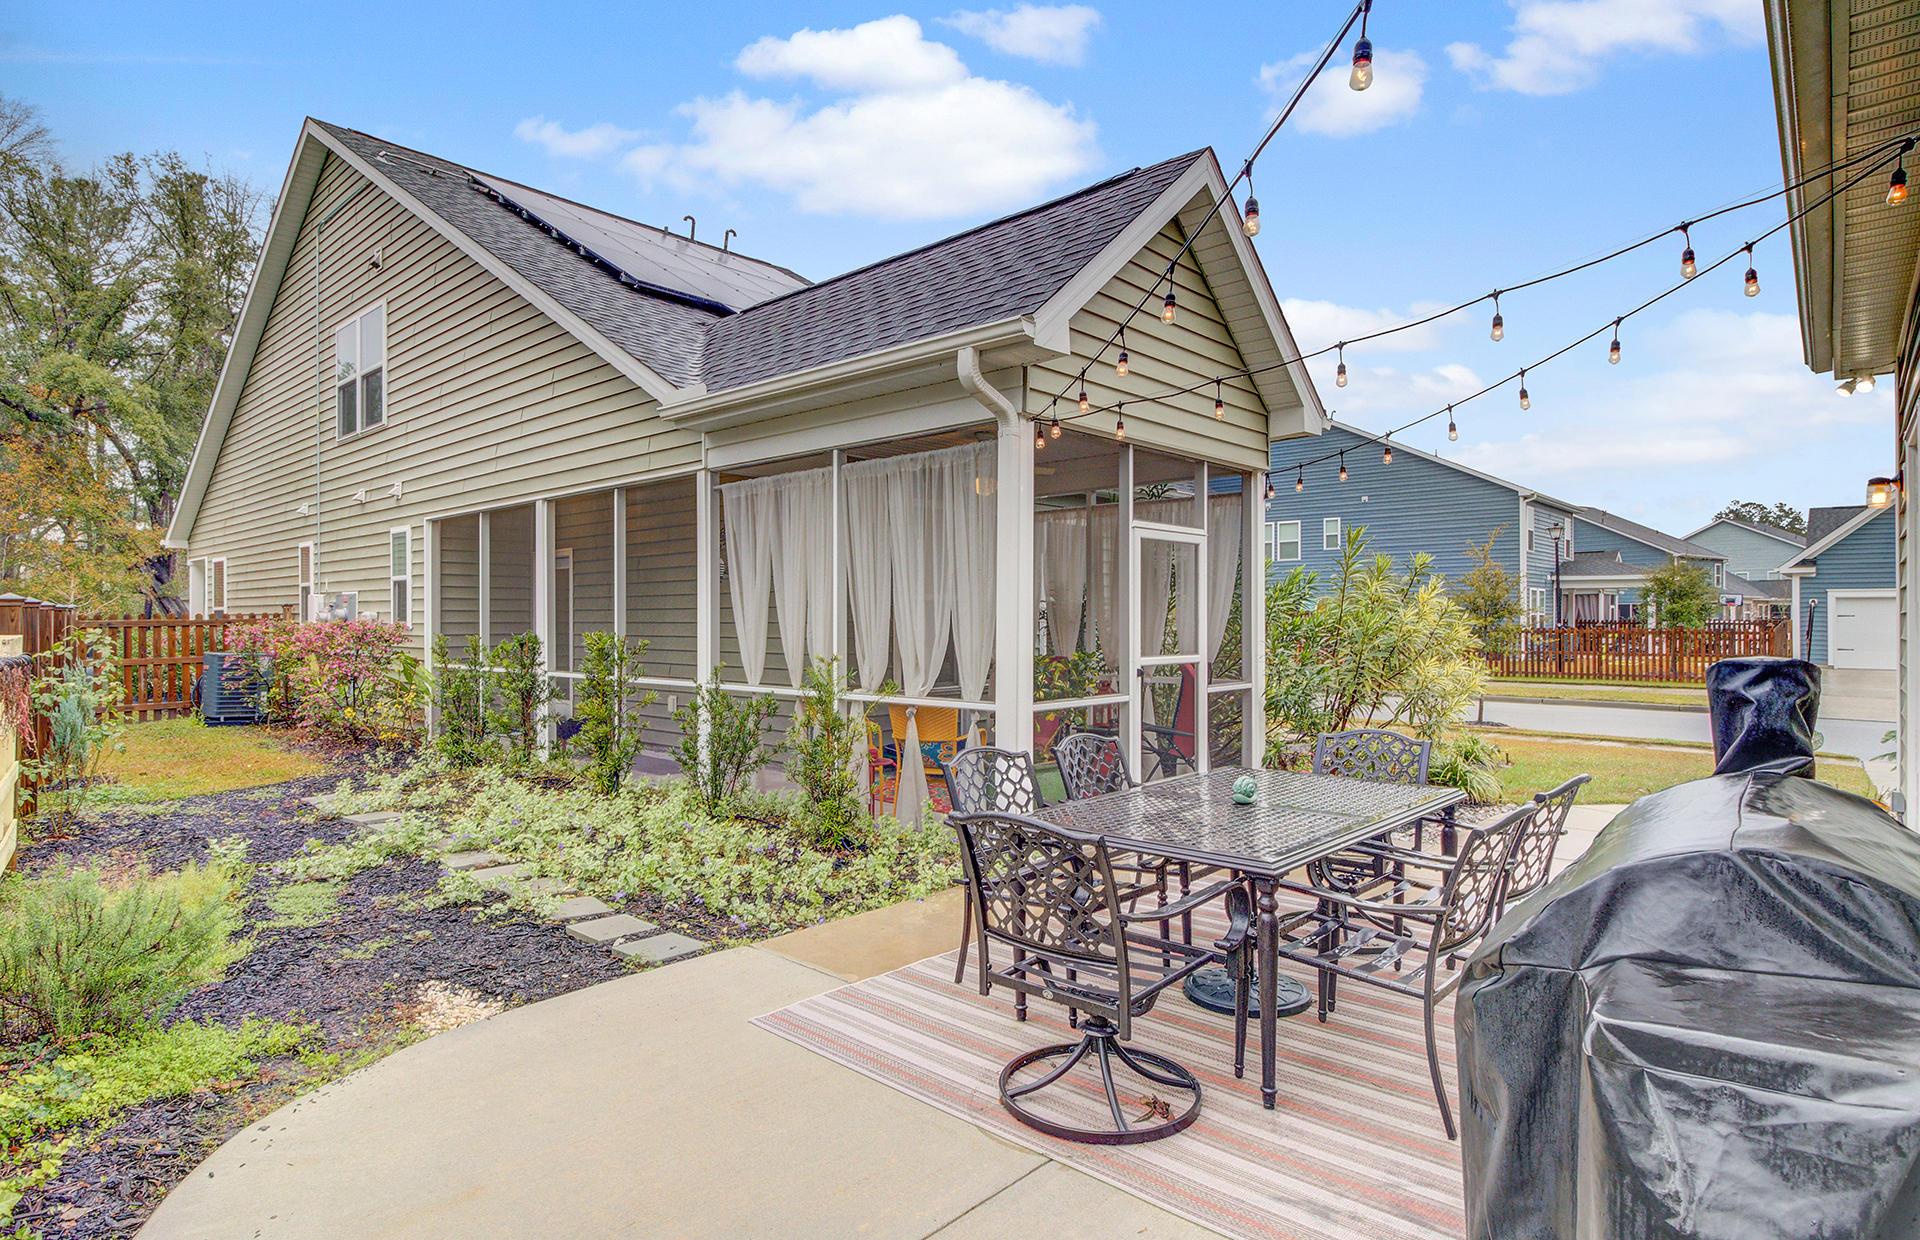 Boltons Landing Homes For Sale - 3143 Moonlight, Charleston, SC - 5